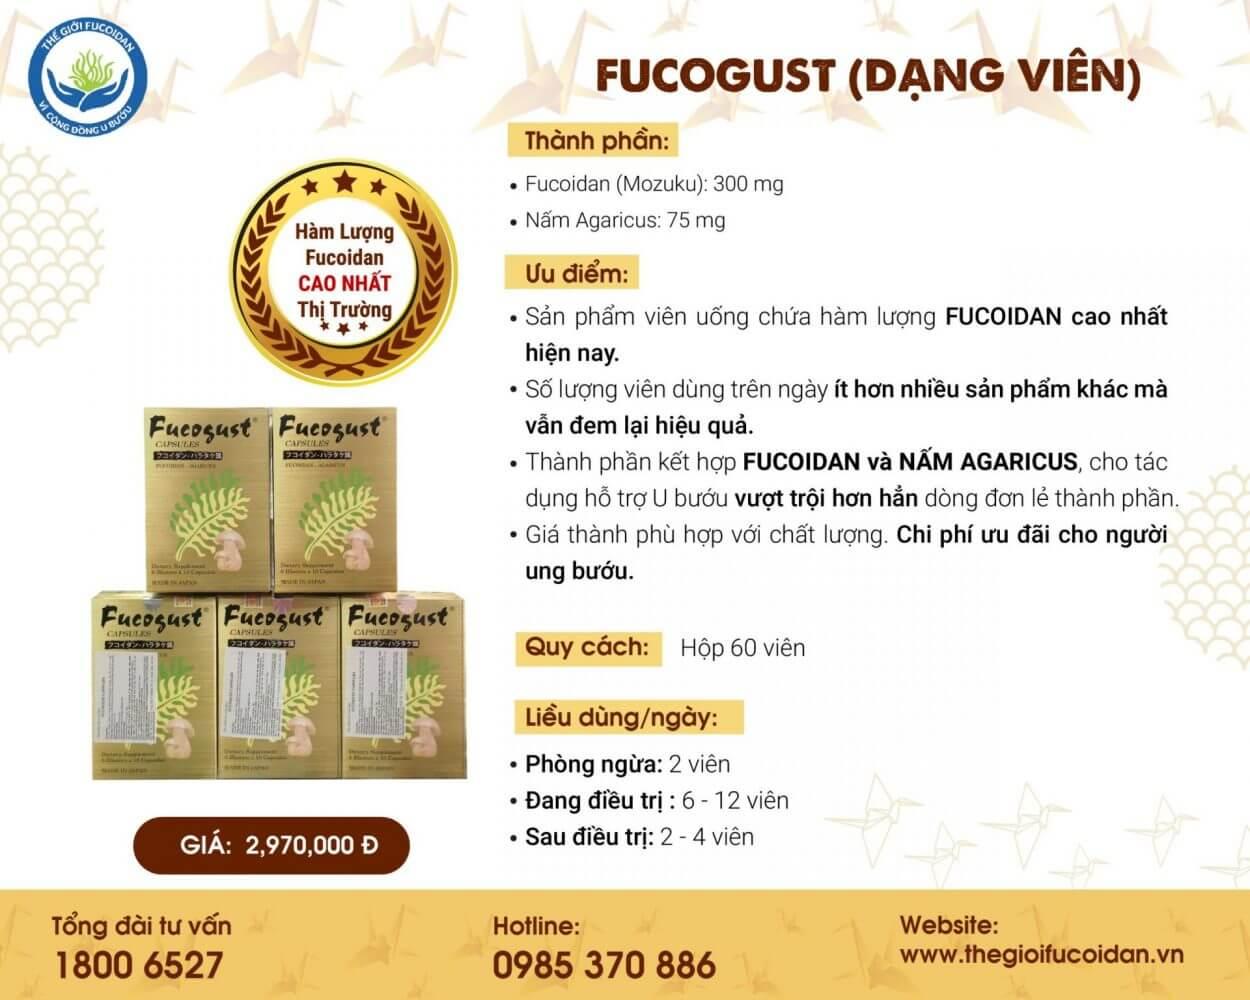 Fucogust Nhật Bản: Fucoidan thế hệ mới với hàm lượng cao, chất lượng tốt